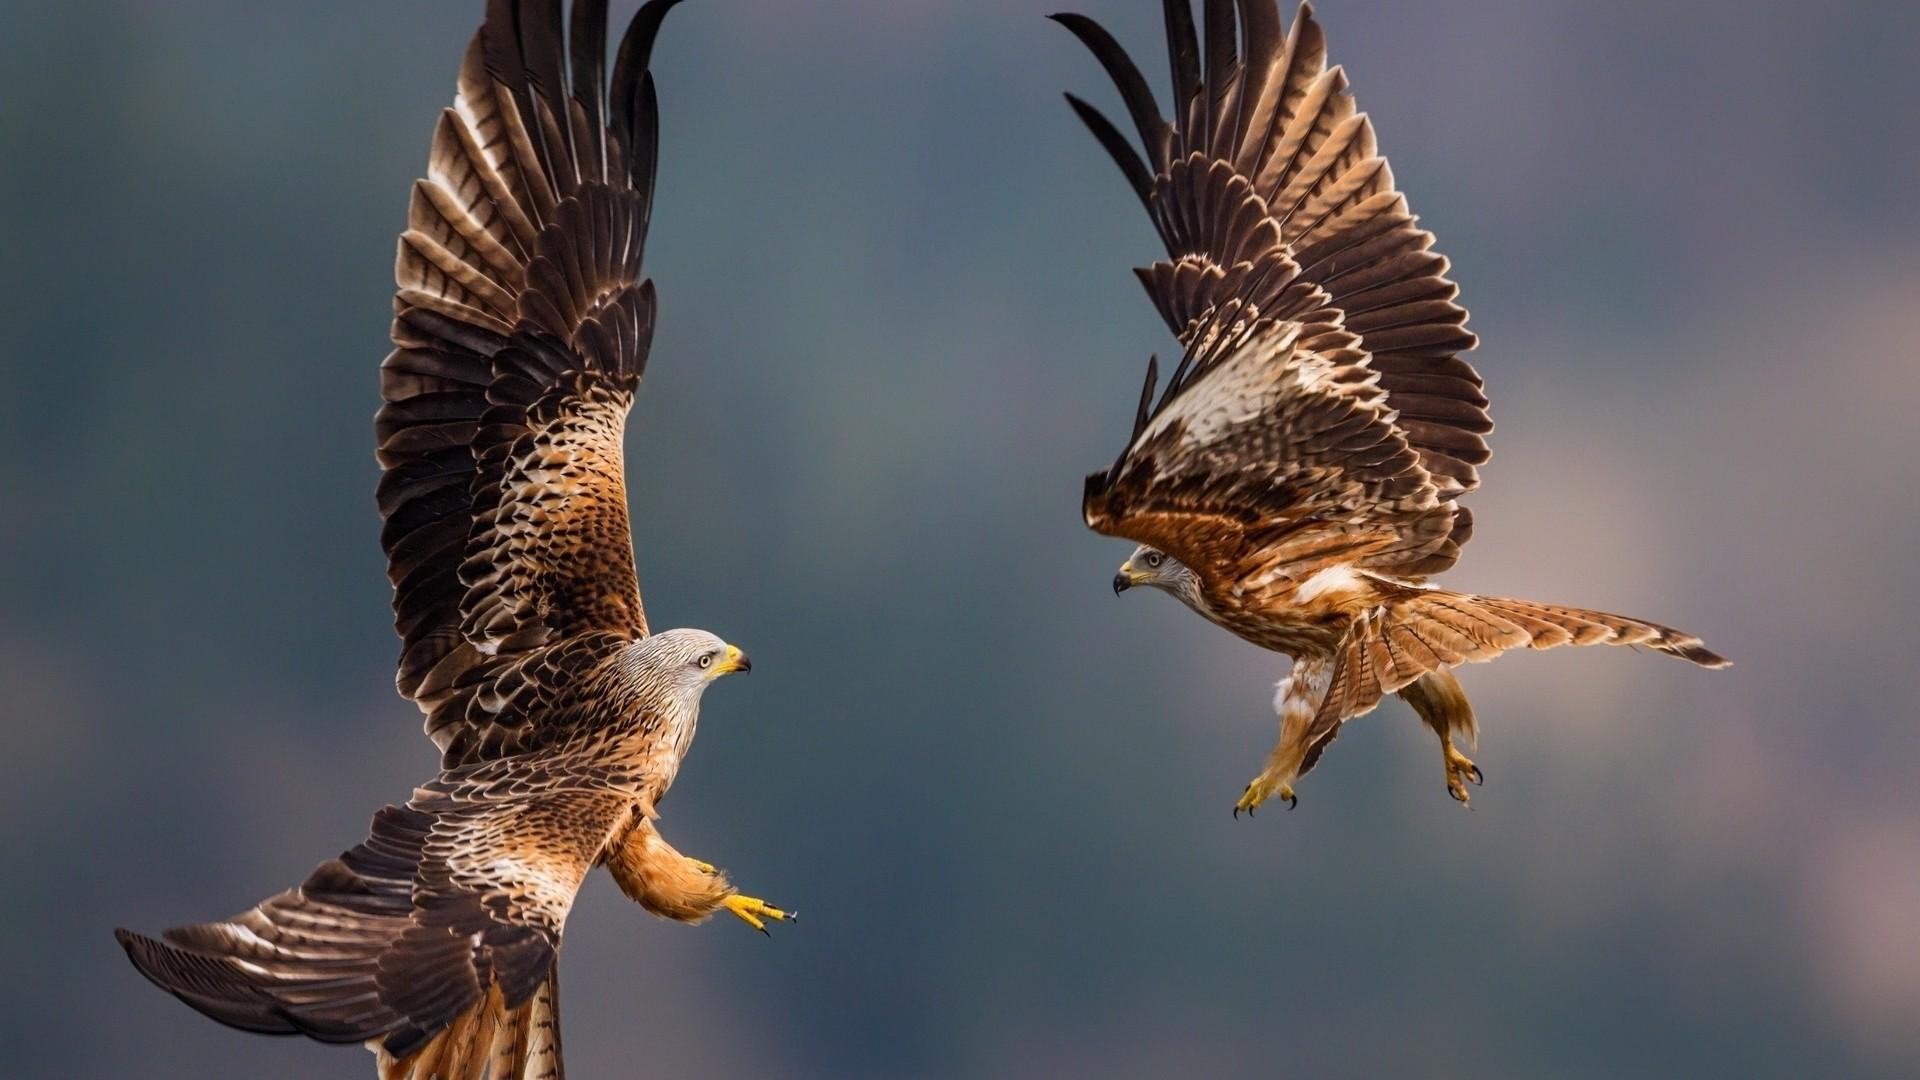 Eagle wallpaper photo hd